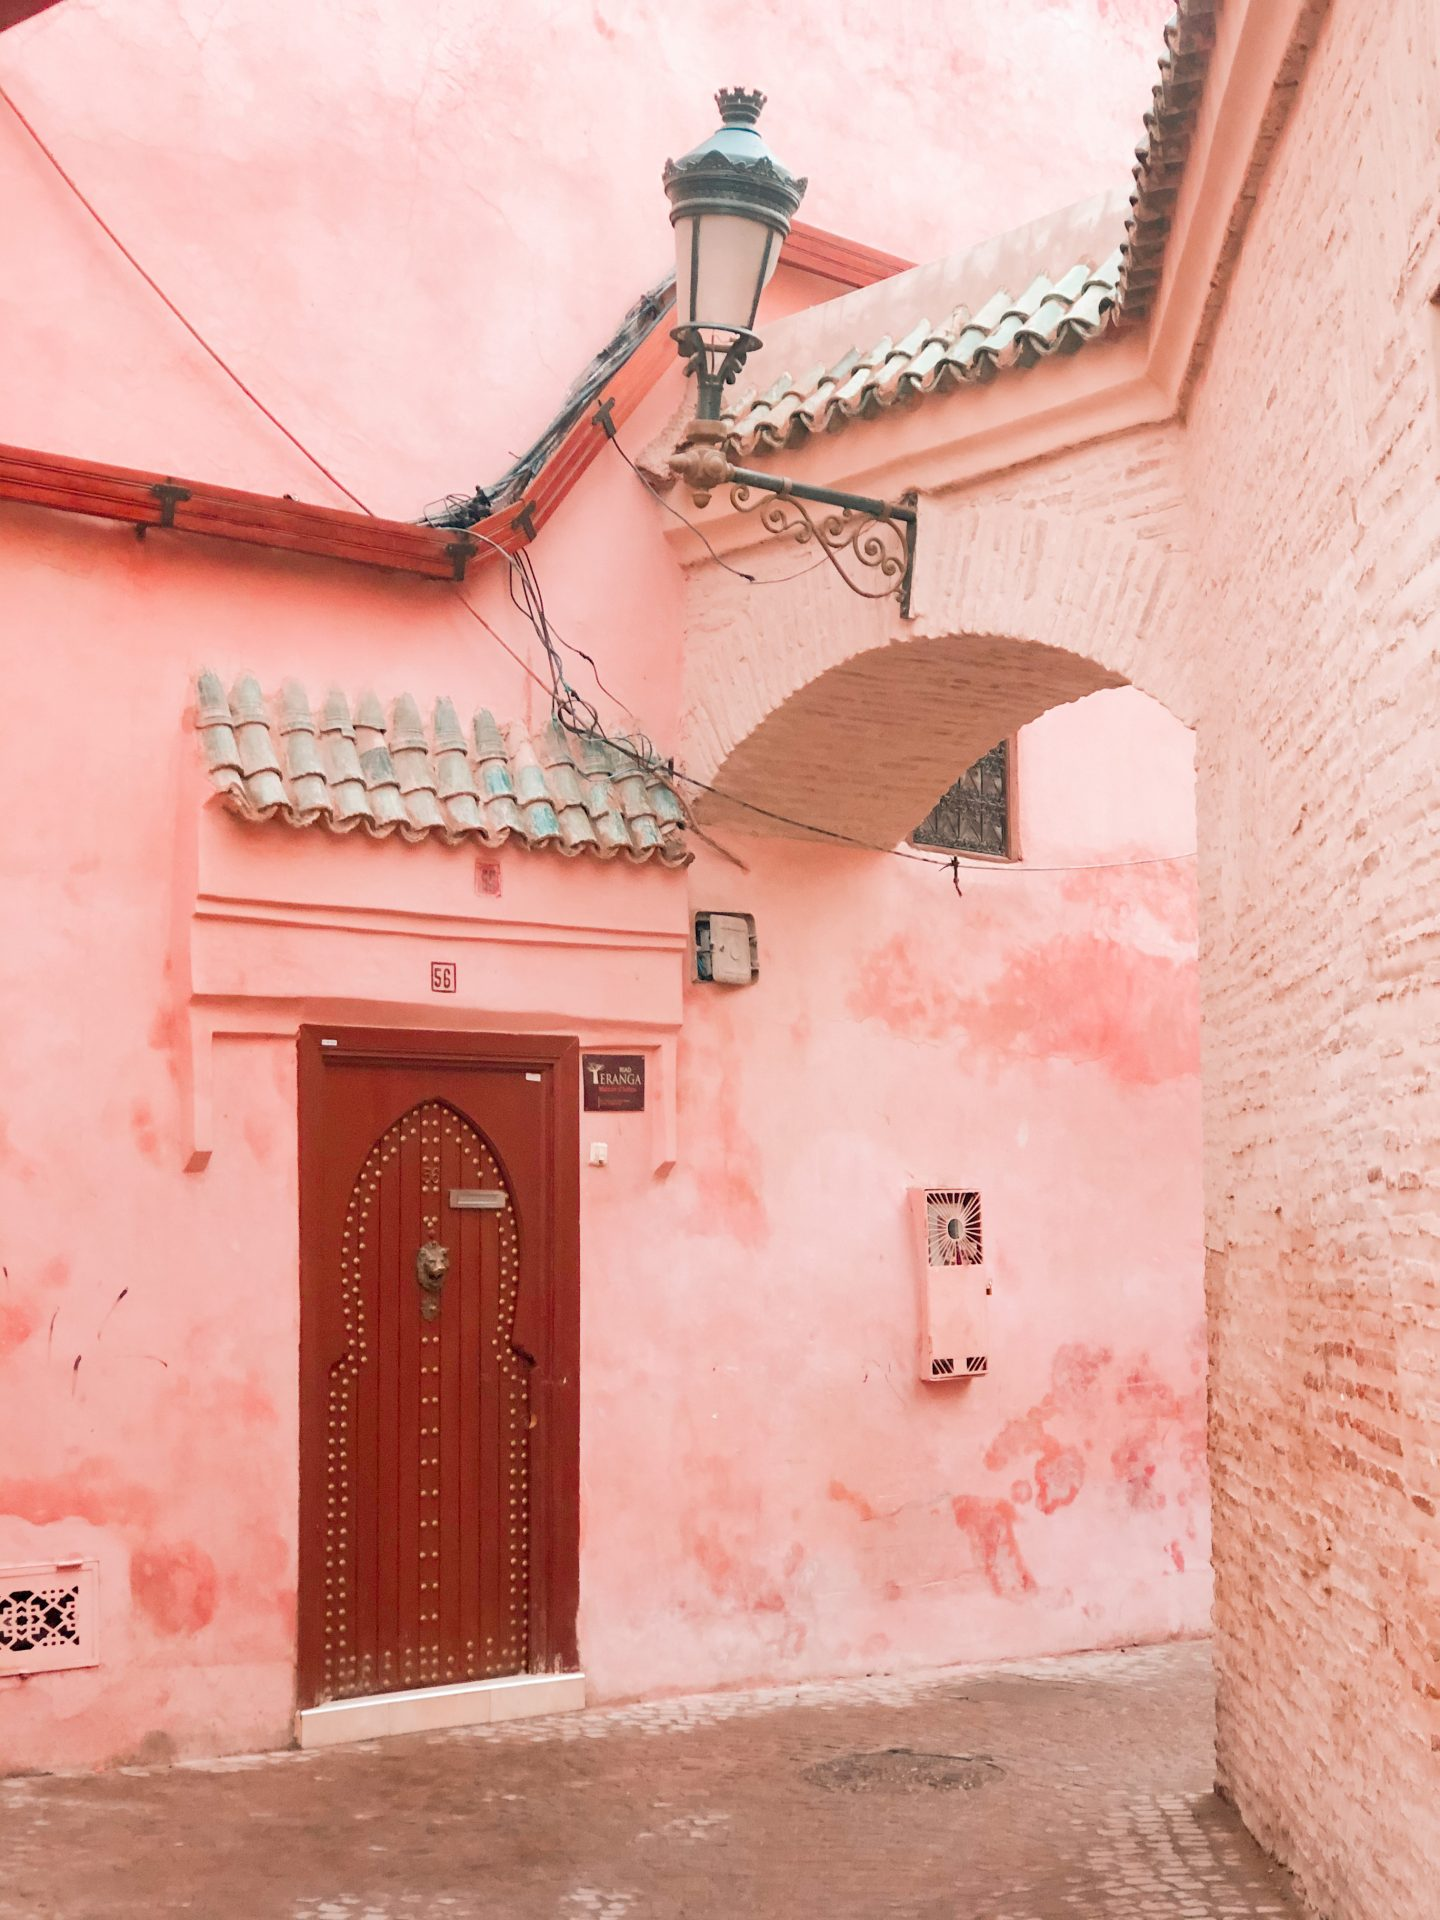 marrakech red city